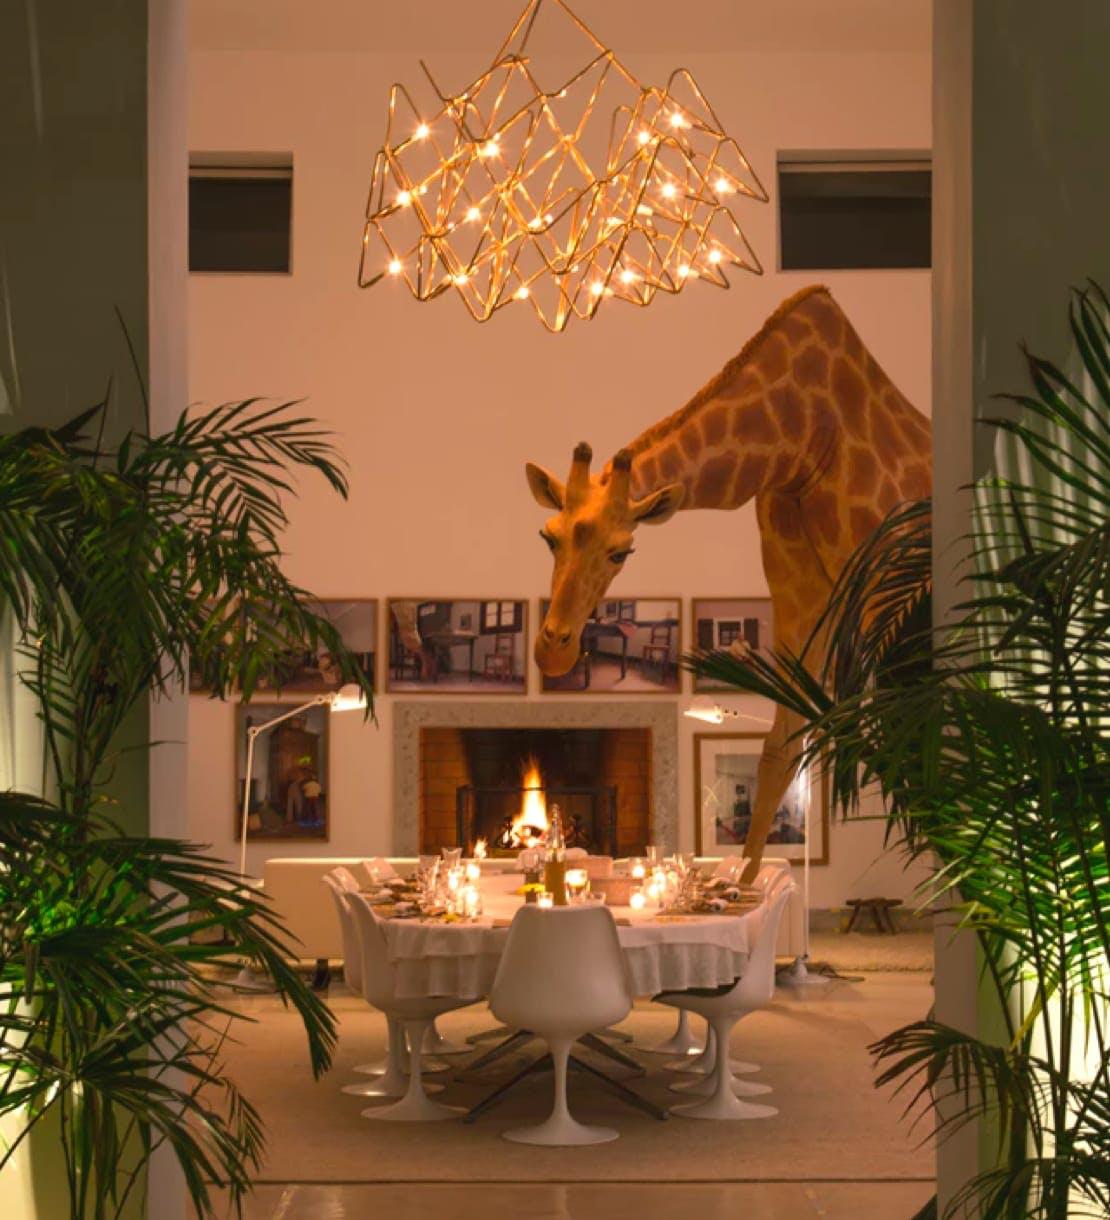 Giraffe sculpture in dining room